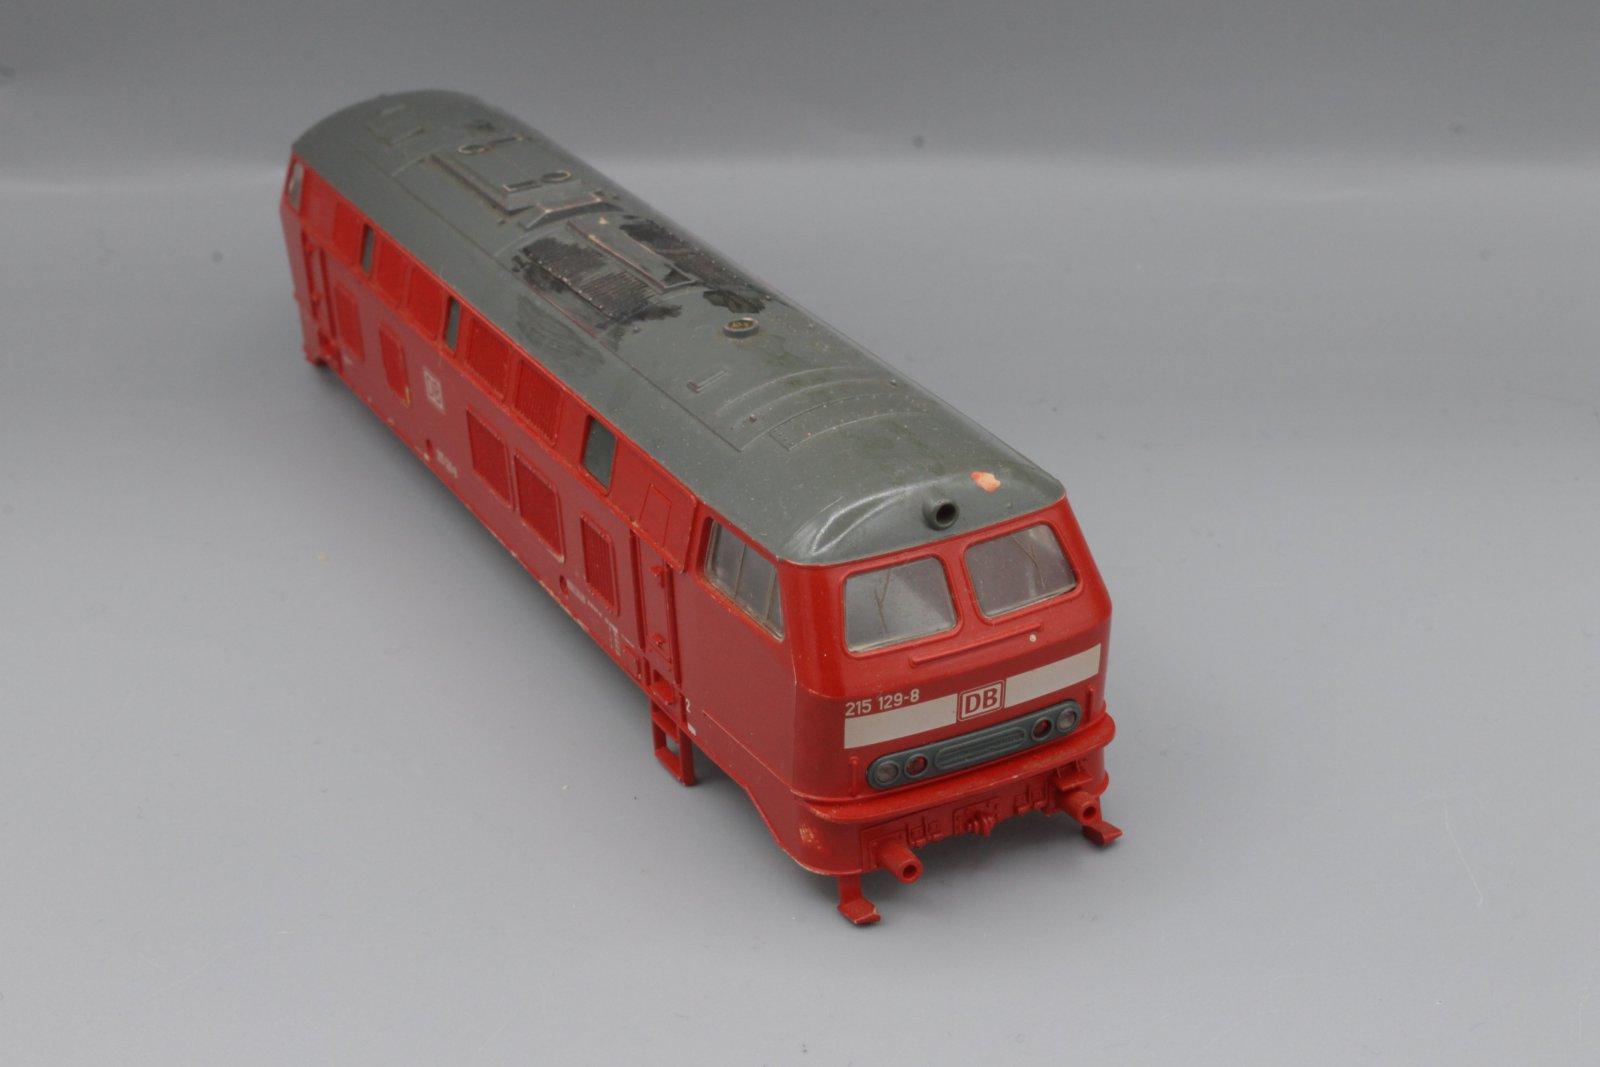 Ersatzteil Roco Gehäuse 215 129-8 verkehrsrot - mit Fehlern